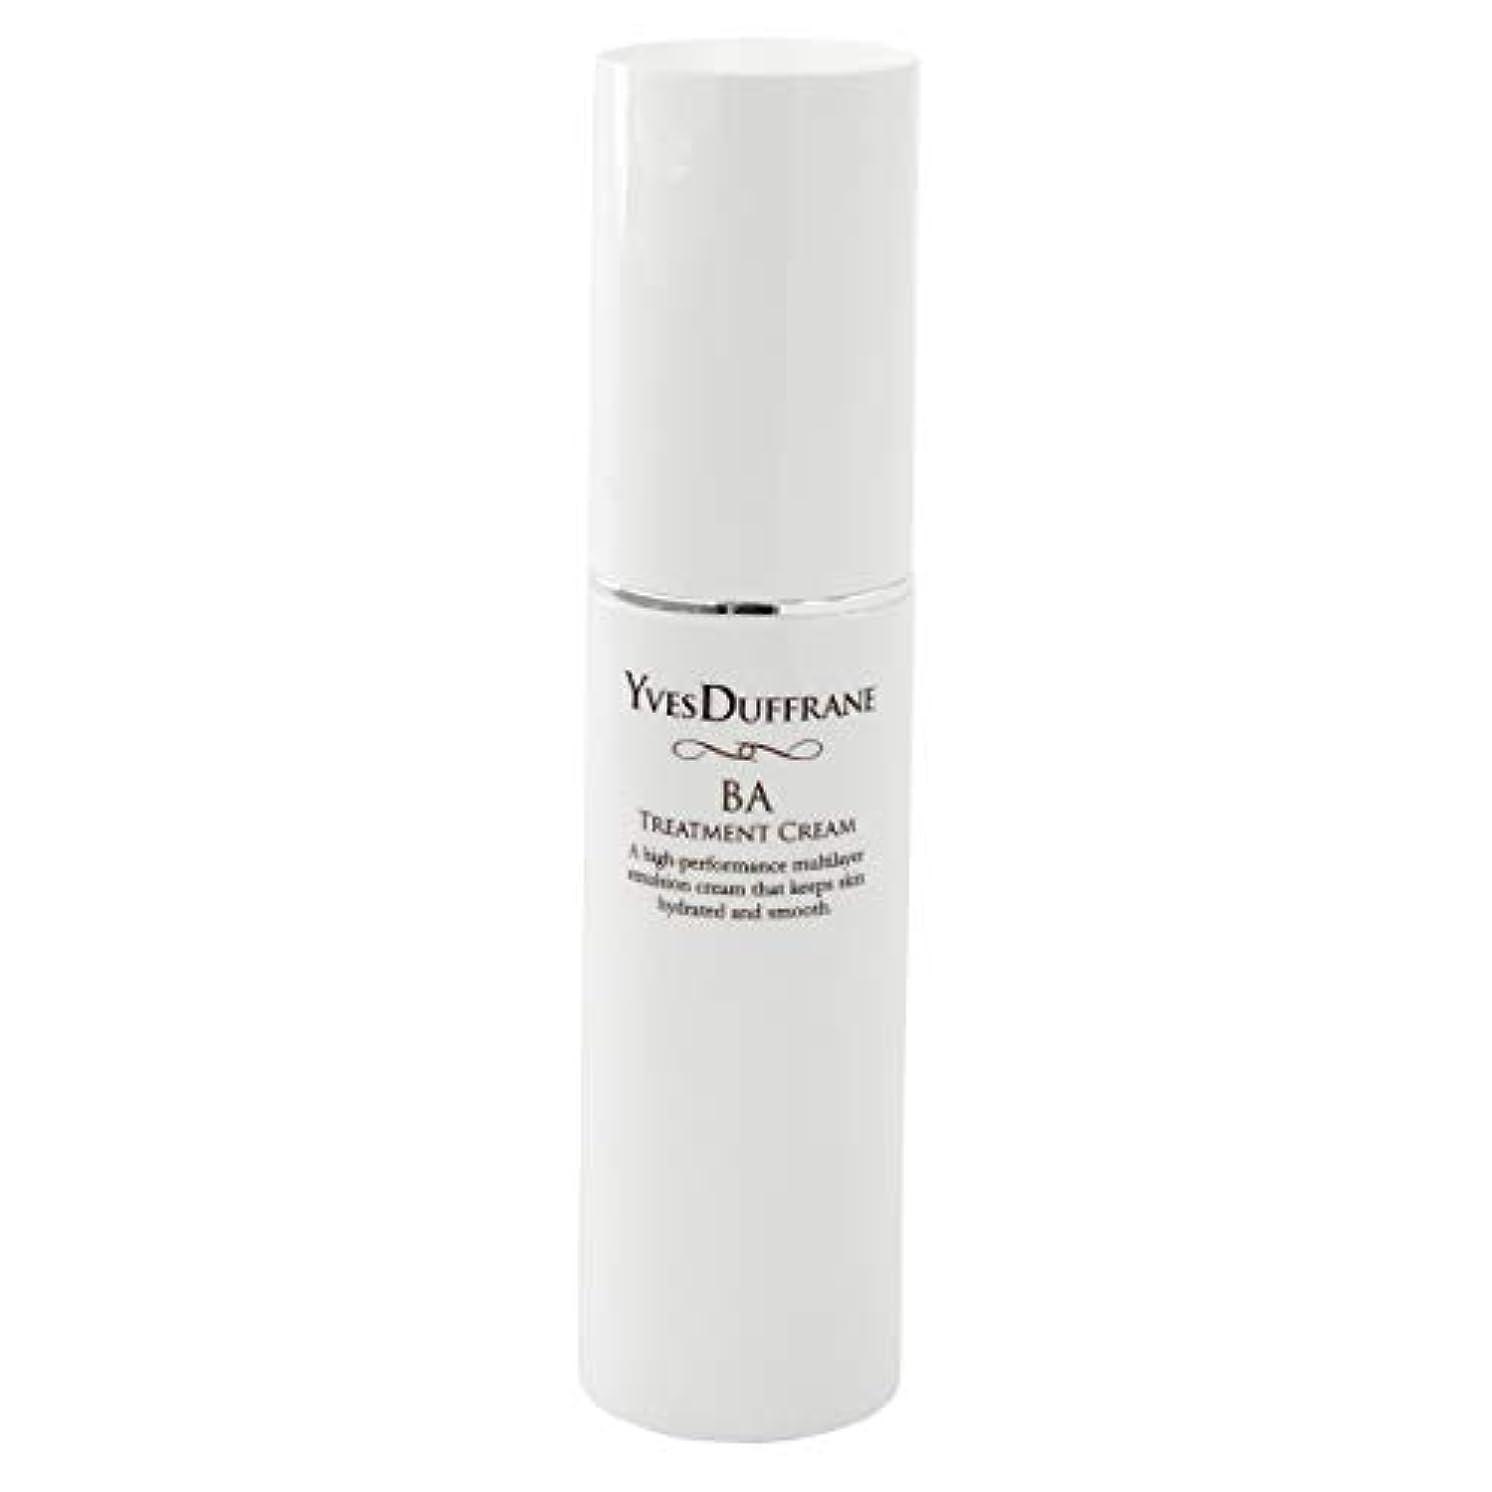 複合バクテリア驚かすセラミド 美容クリーム [BAトリートメント クリーム ] 顔 目元 敏感肌 保湿 セラミド ビタミンC誘導体 バイオアンテージ配合